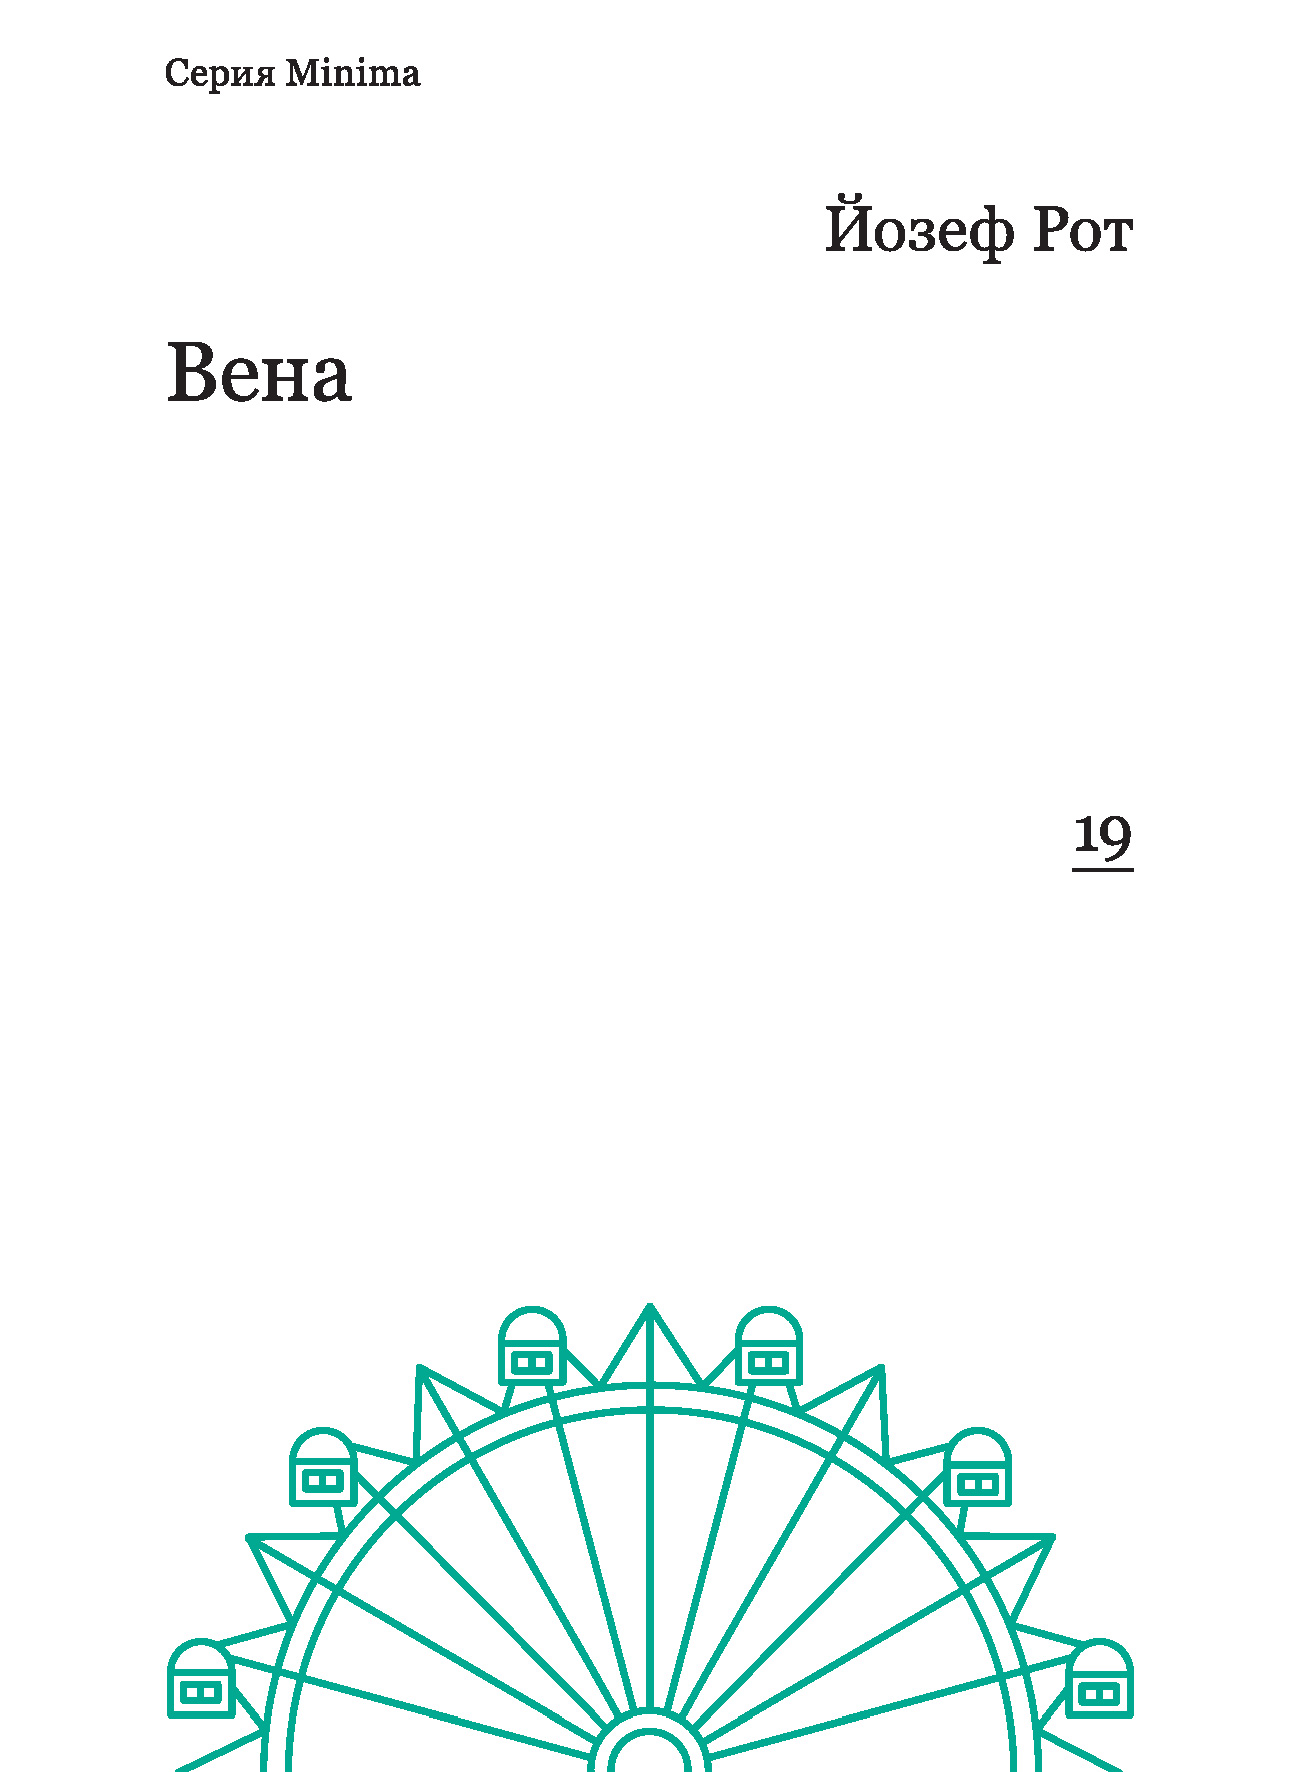 Вена (репортажи 1919-1920 гг.)